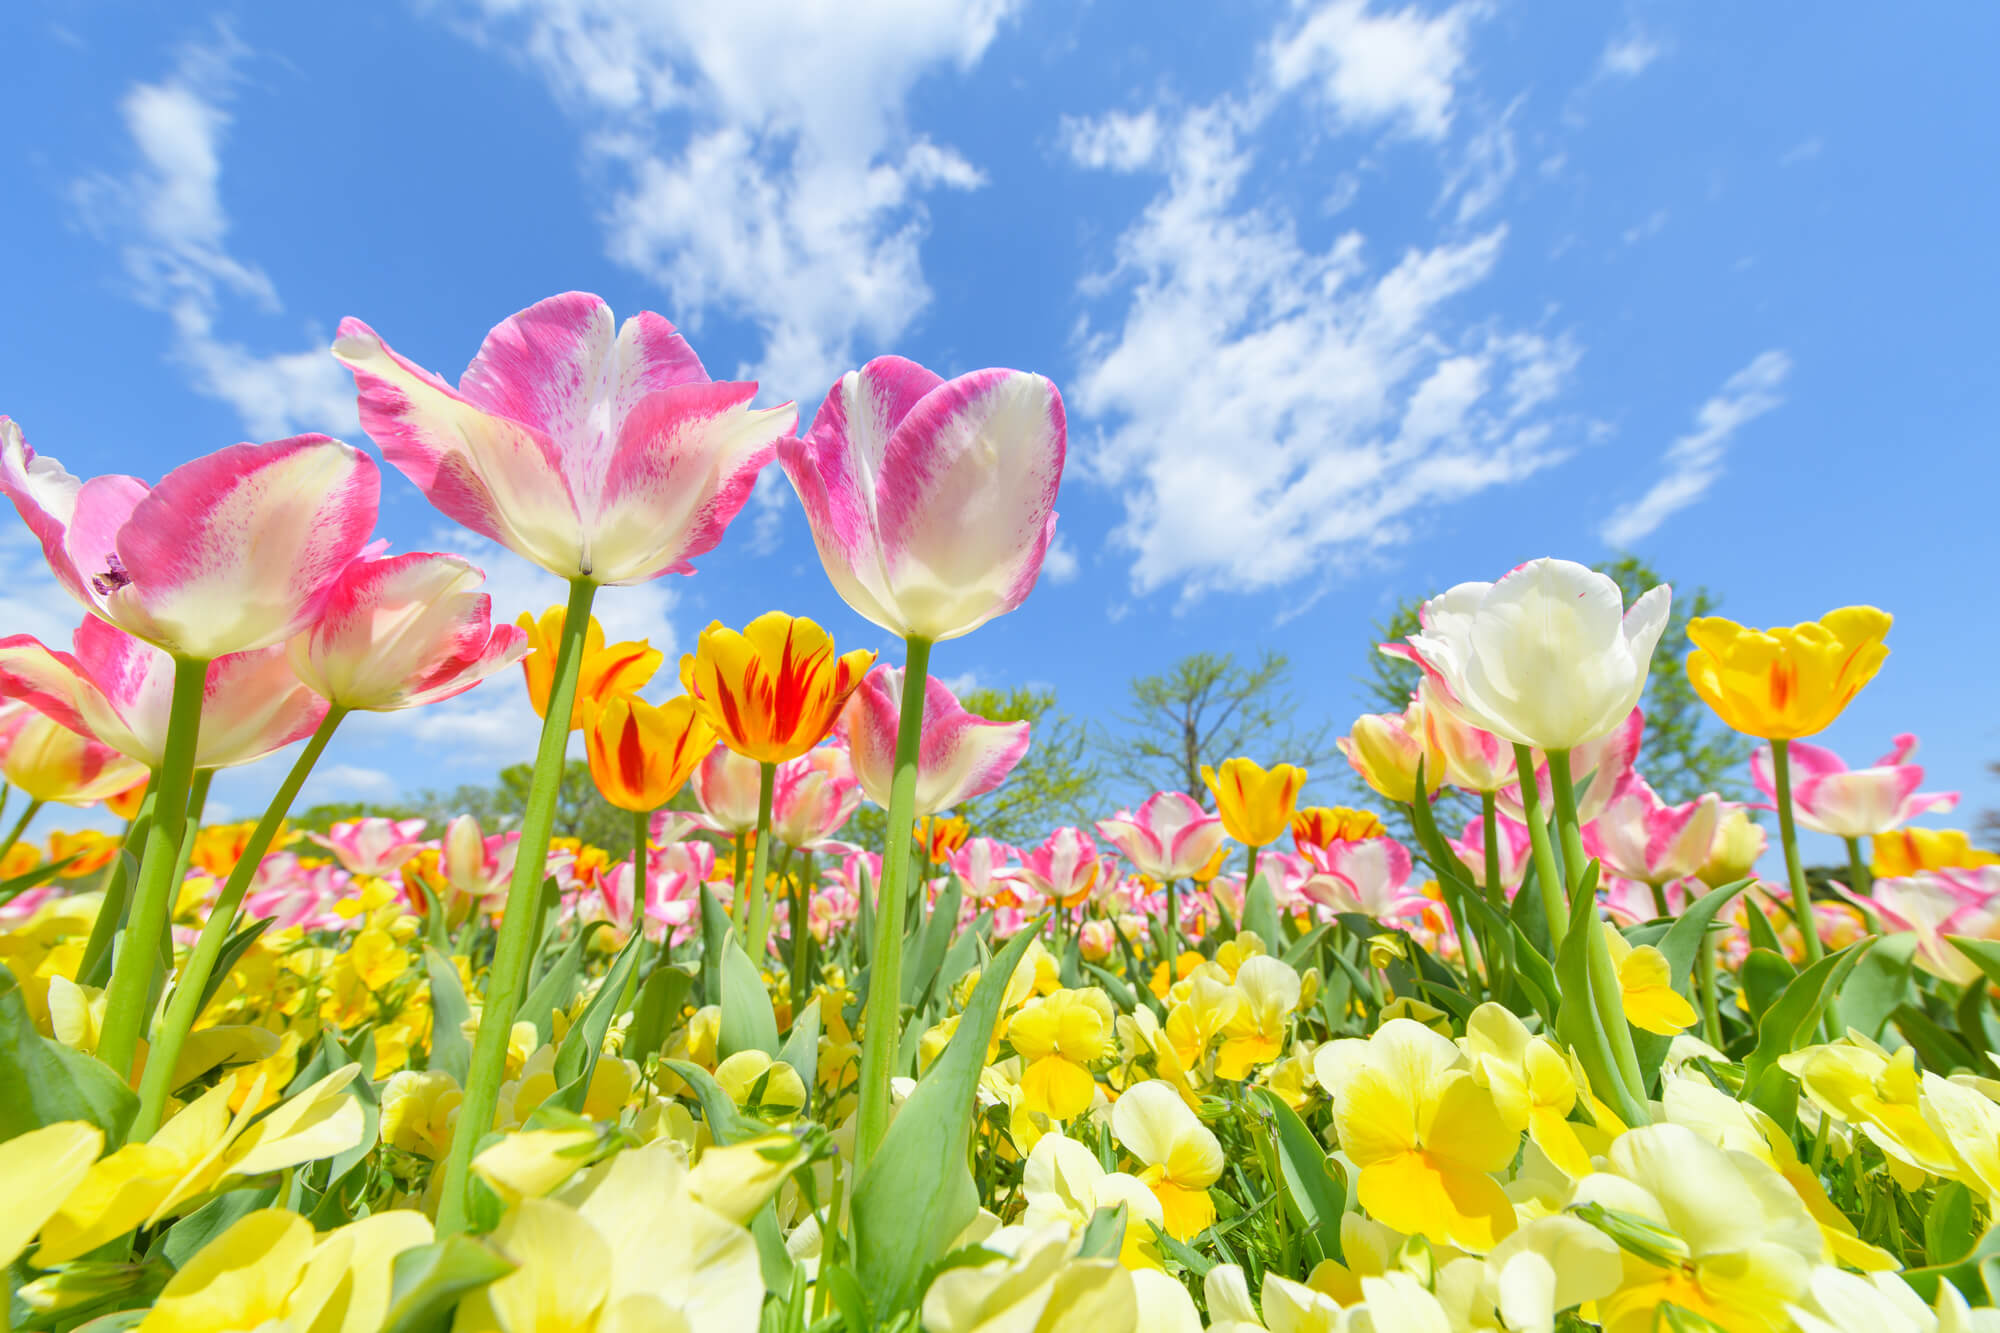 チューリップの開花後の管理・春にすべきお手入れについて | 植物とあなたをつなぐPlantia